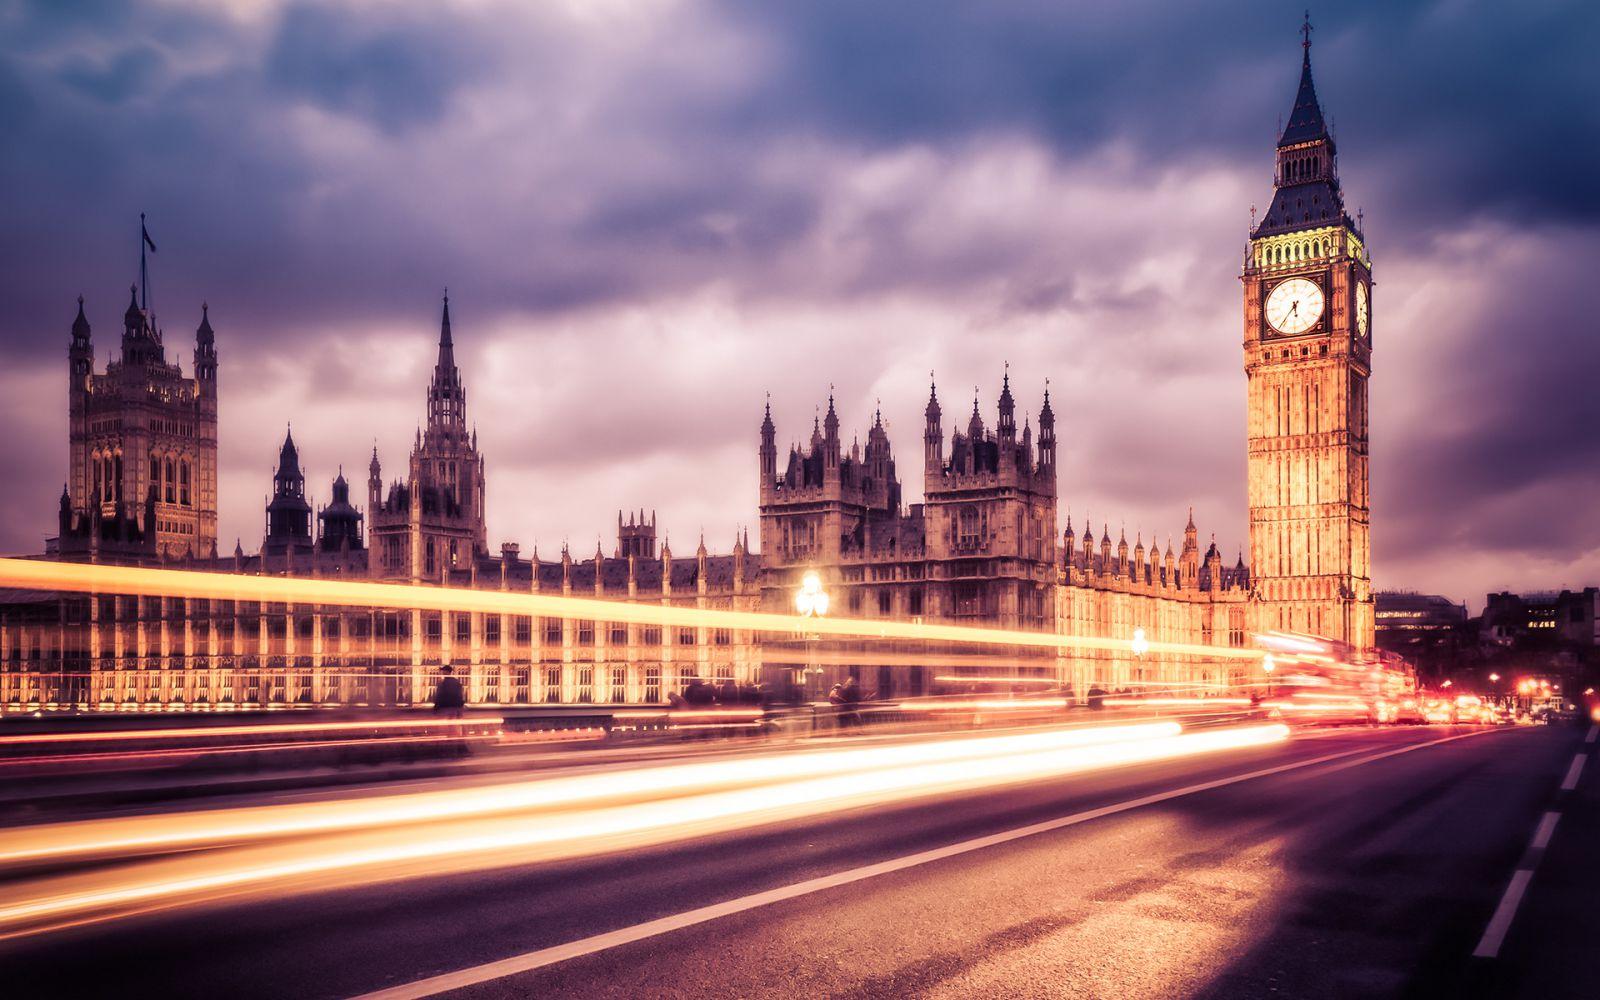 фото красив картинки лондона путь ведущего